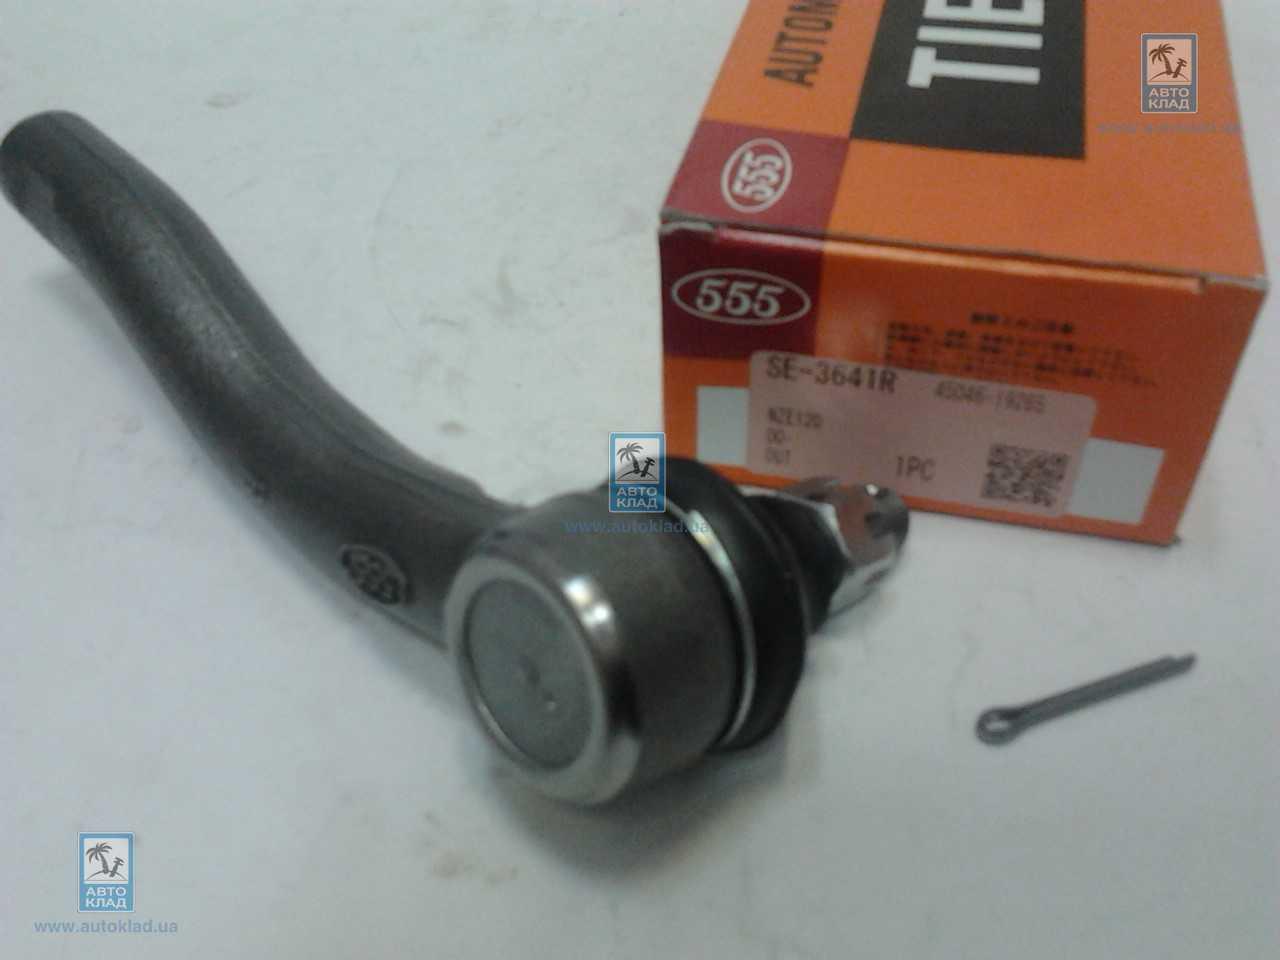 Наконечник рулевой тяги поперечной 555 SE-3641R: продажа